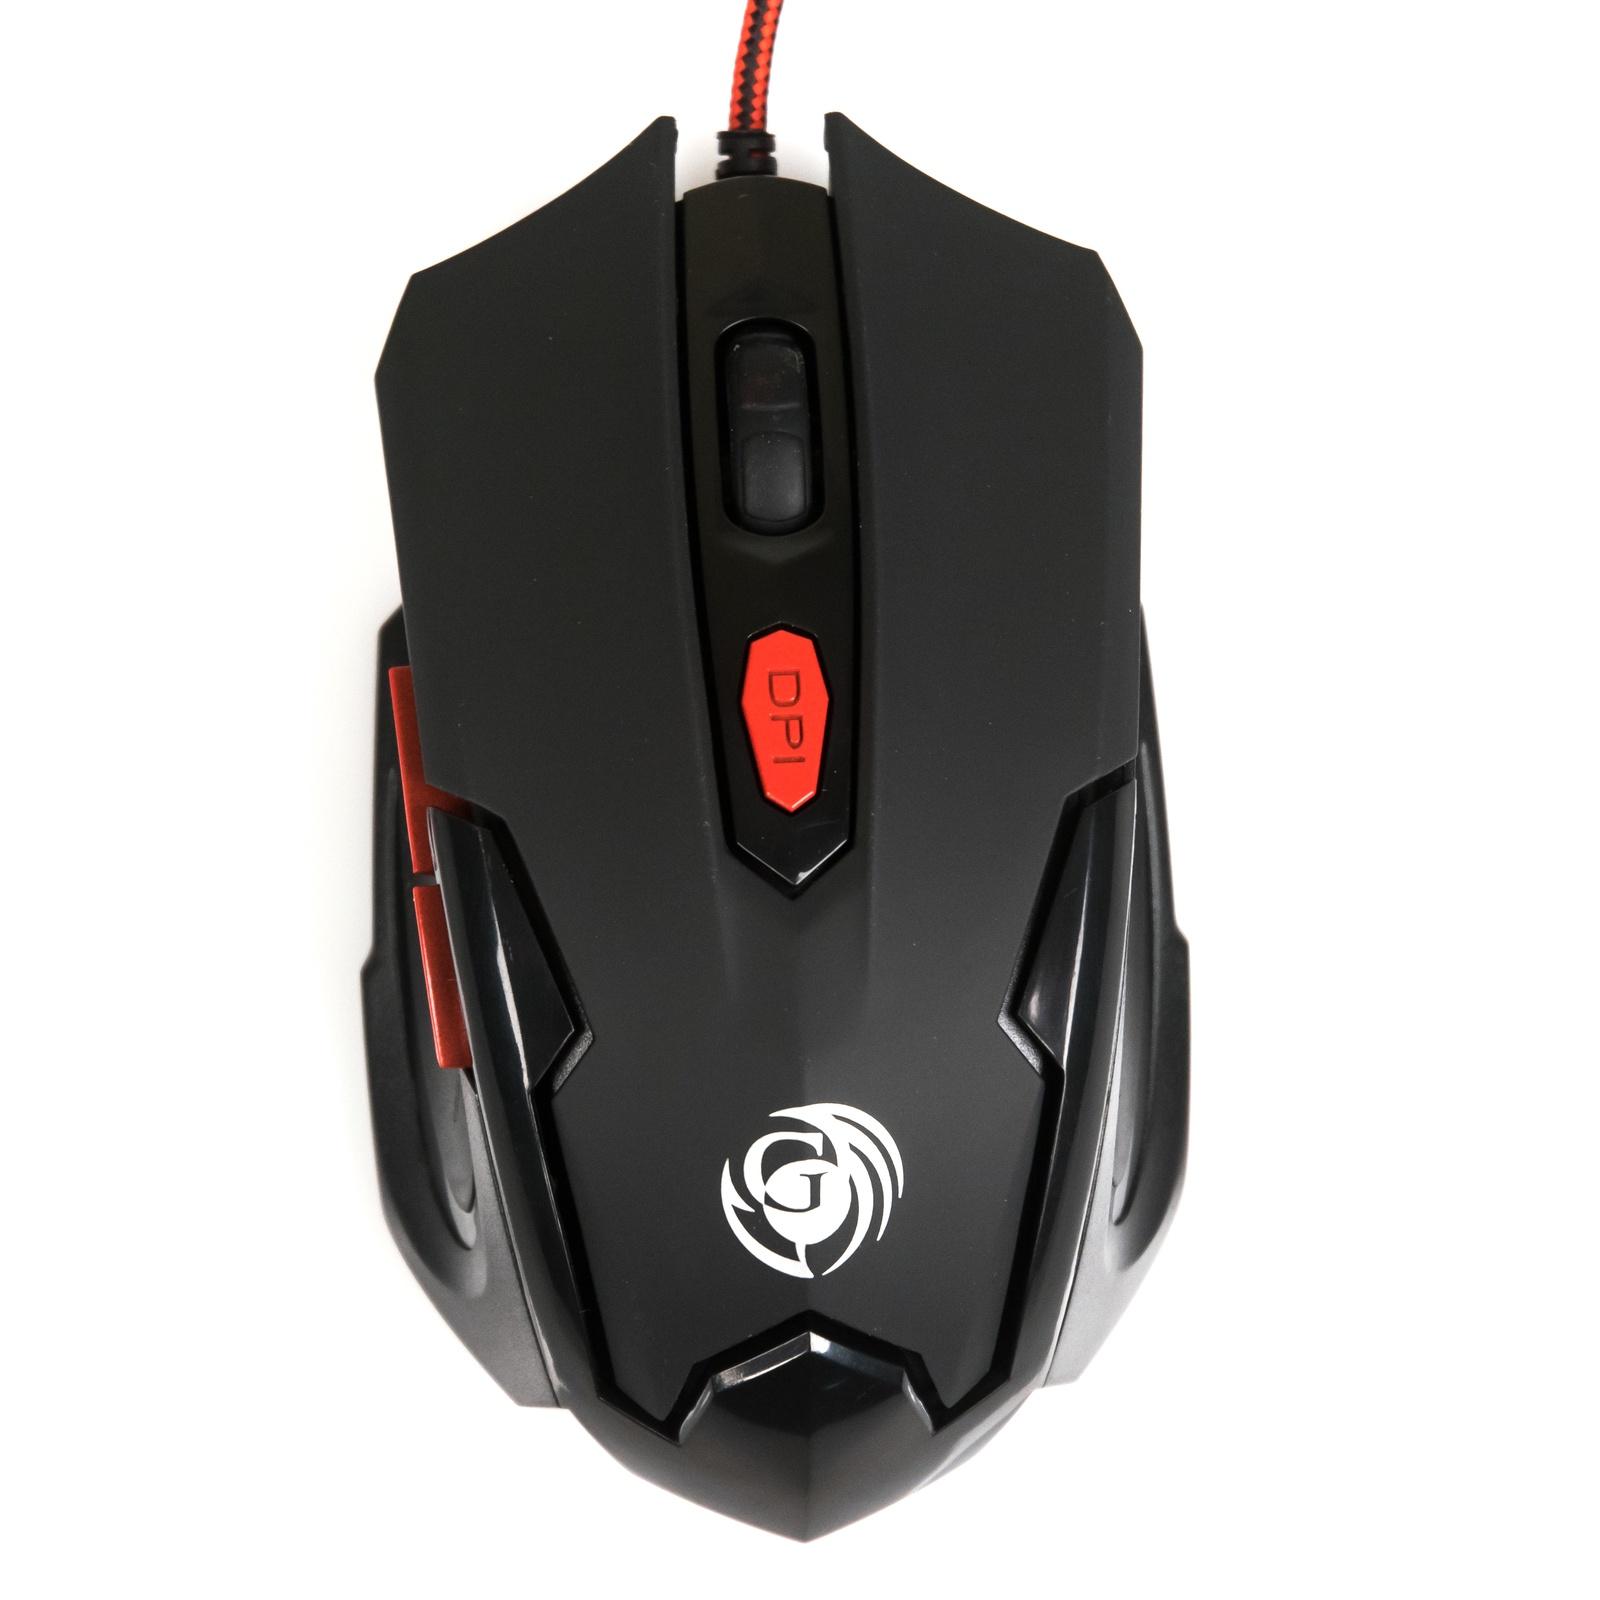 лучшая цена Игровая мышь DIALOG Gan-Kata MGK-10U, черная